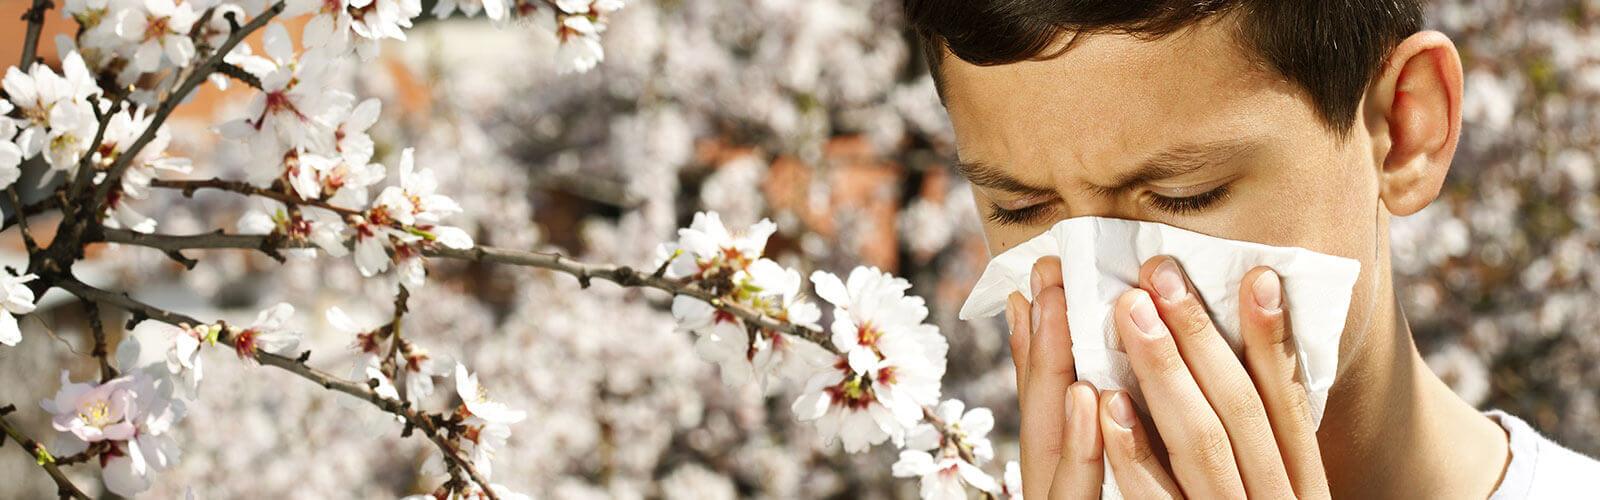 headerbild-allergischer-schnupfen.jpg